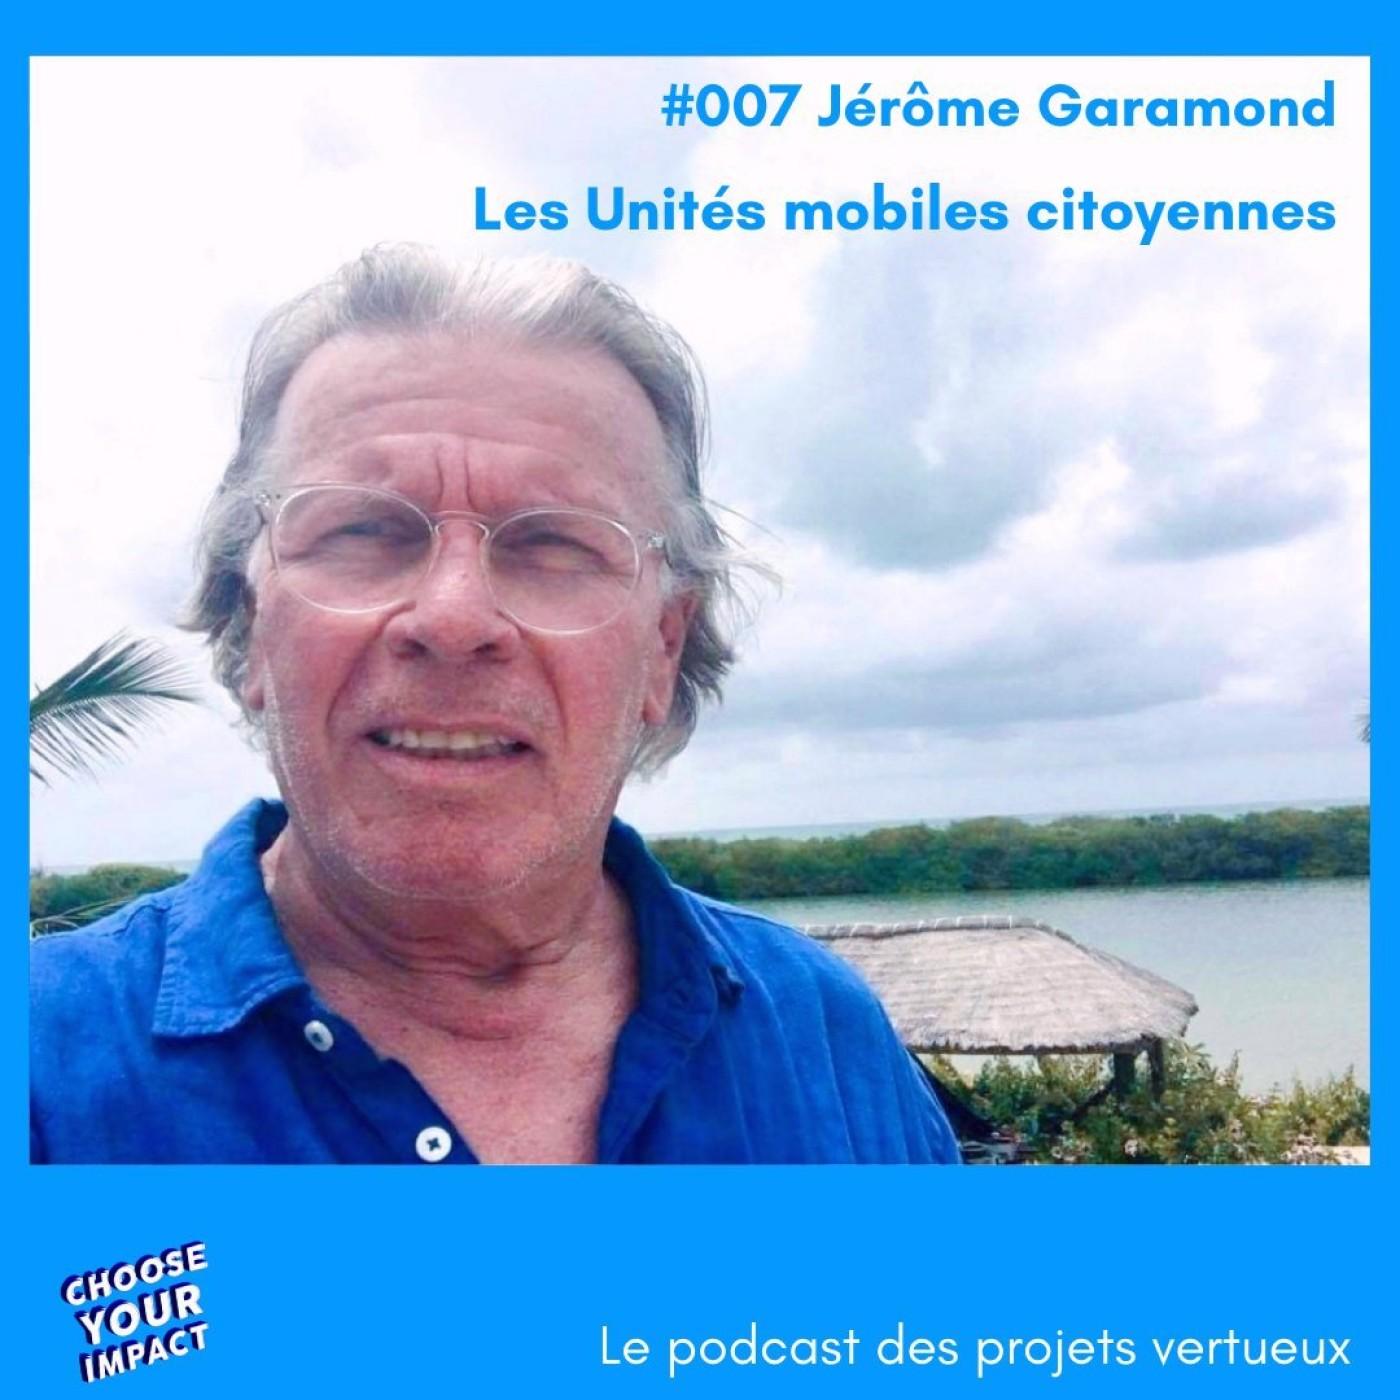 #007 Jérôme Garamond - LES UNITES MOBILES CITOYENNES ou comment apporter des services indispensables de manière itinérante